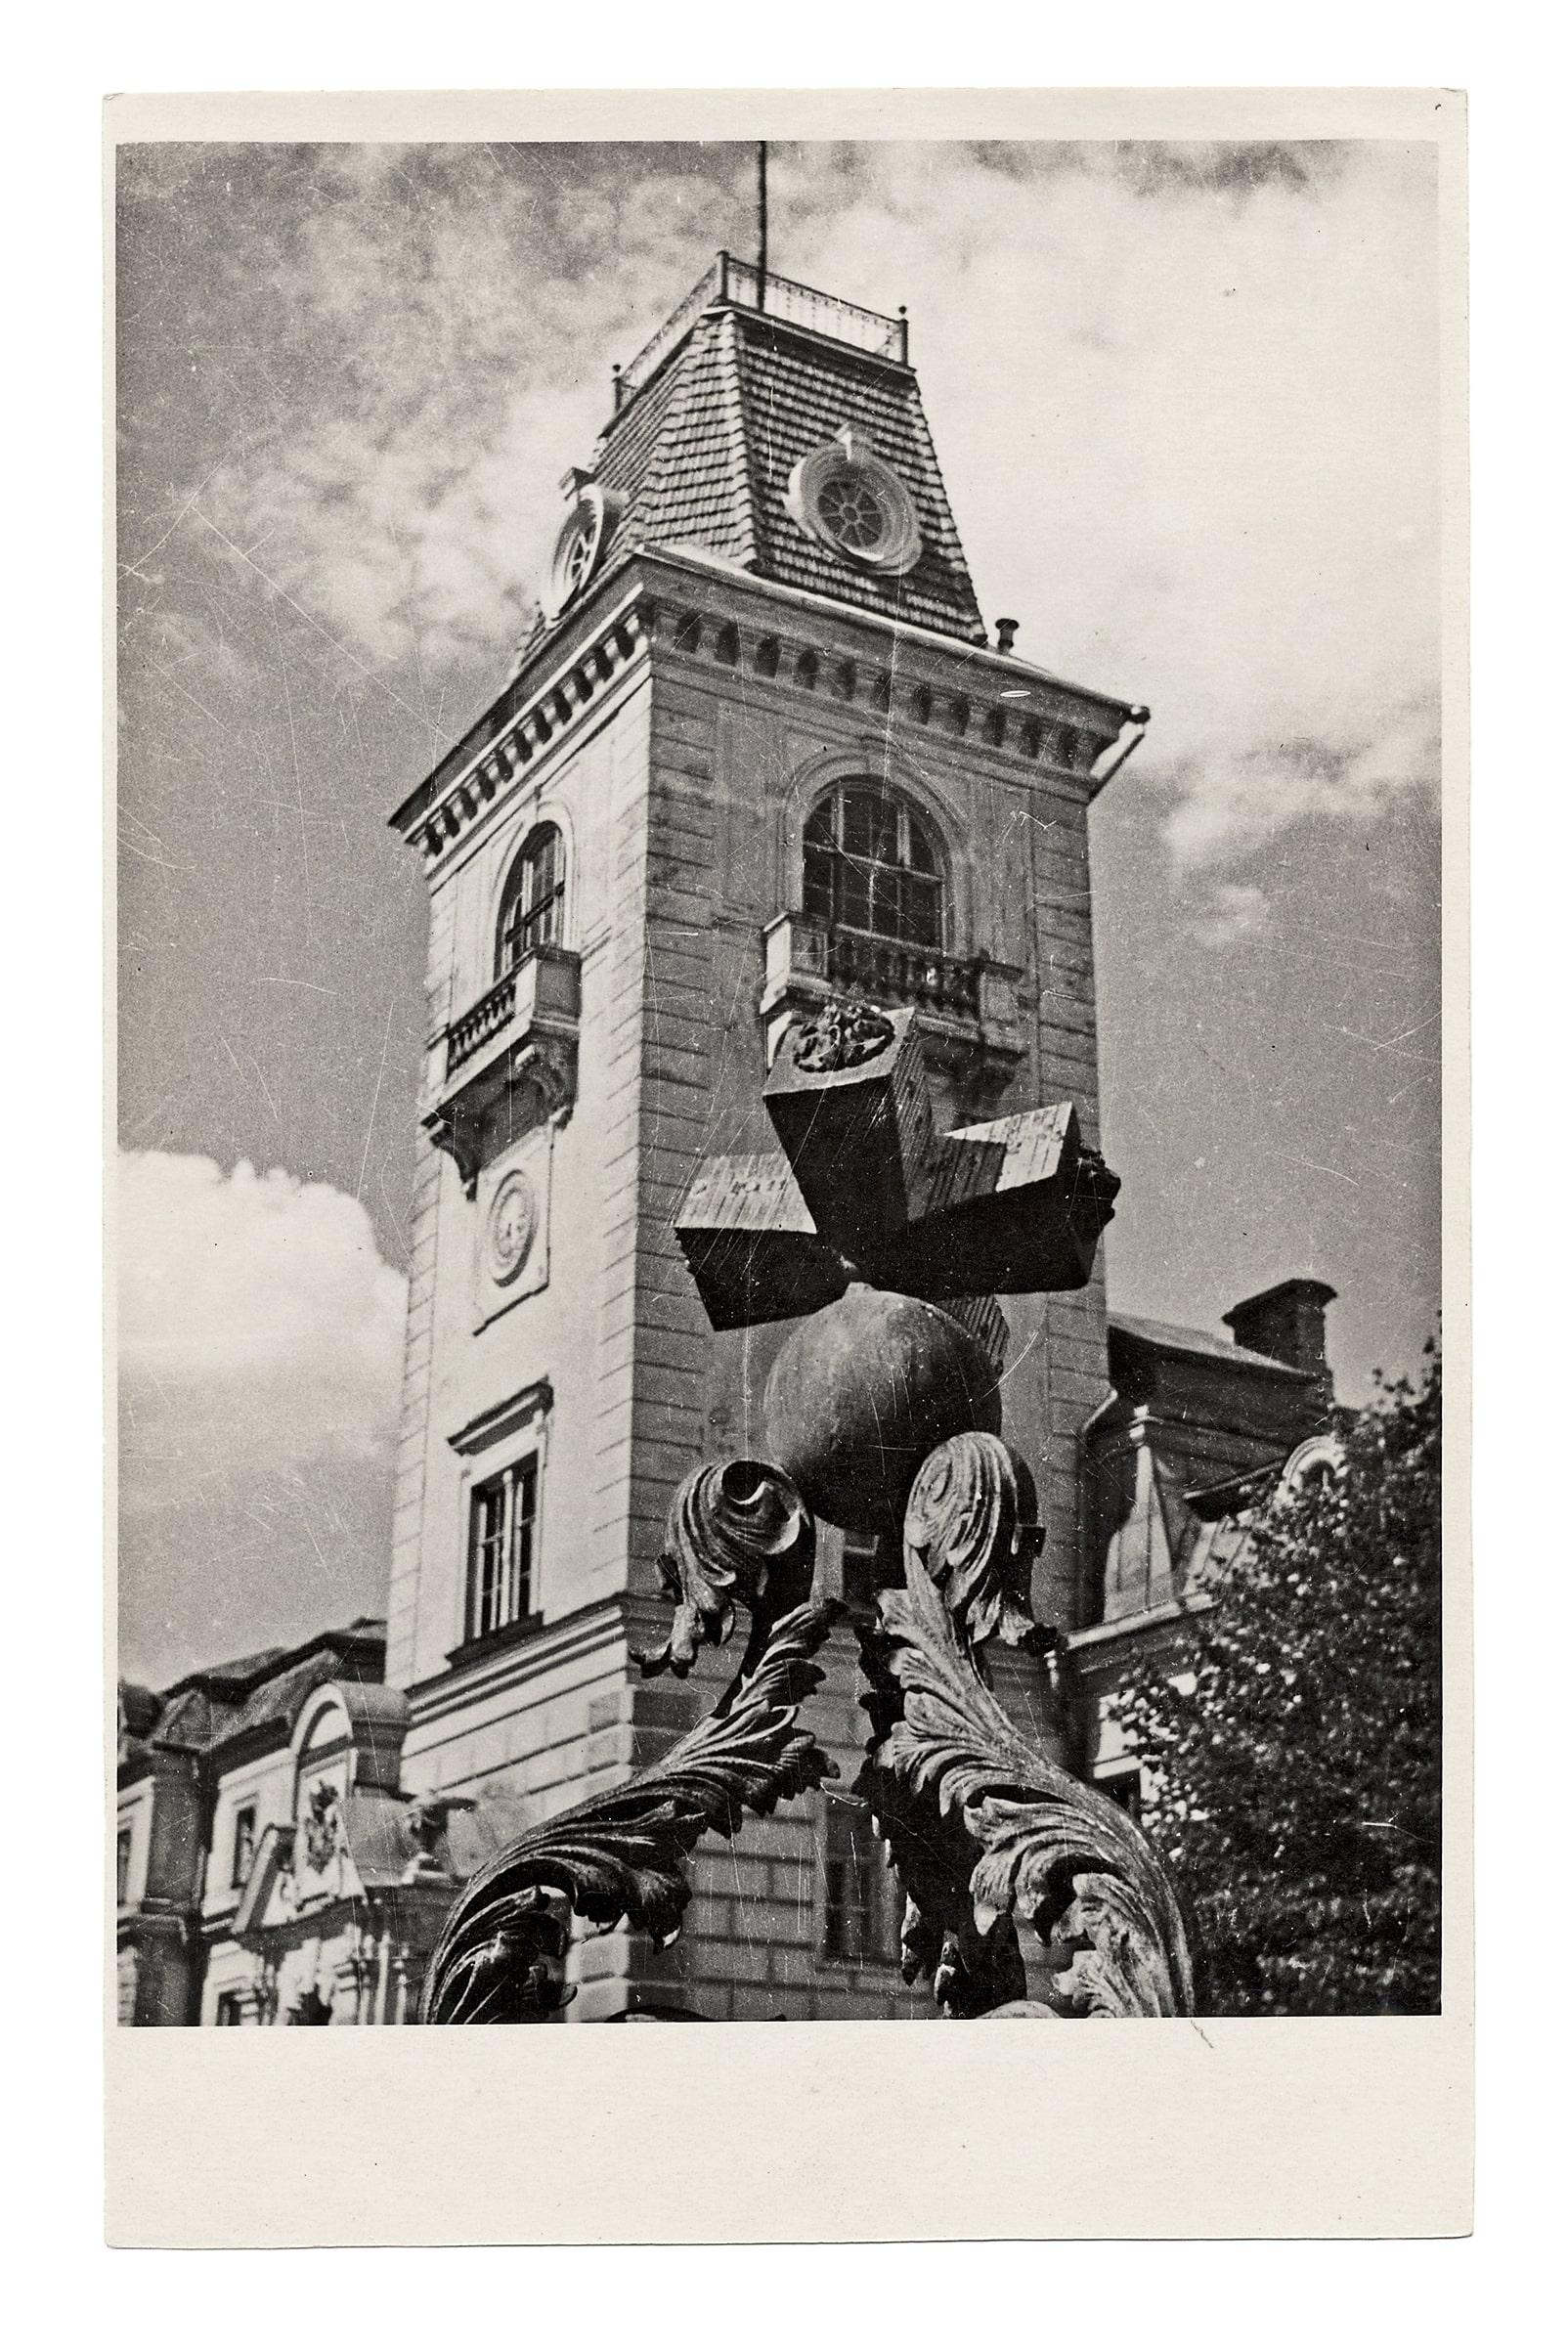 Kėdainių dvaro rūmų bokštas ir saulės laikrodis, 1930 m. 1944 liepos 30 d. rūmai susprogdinti nacių